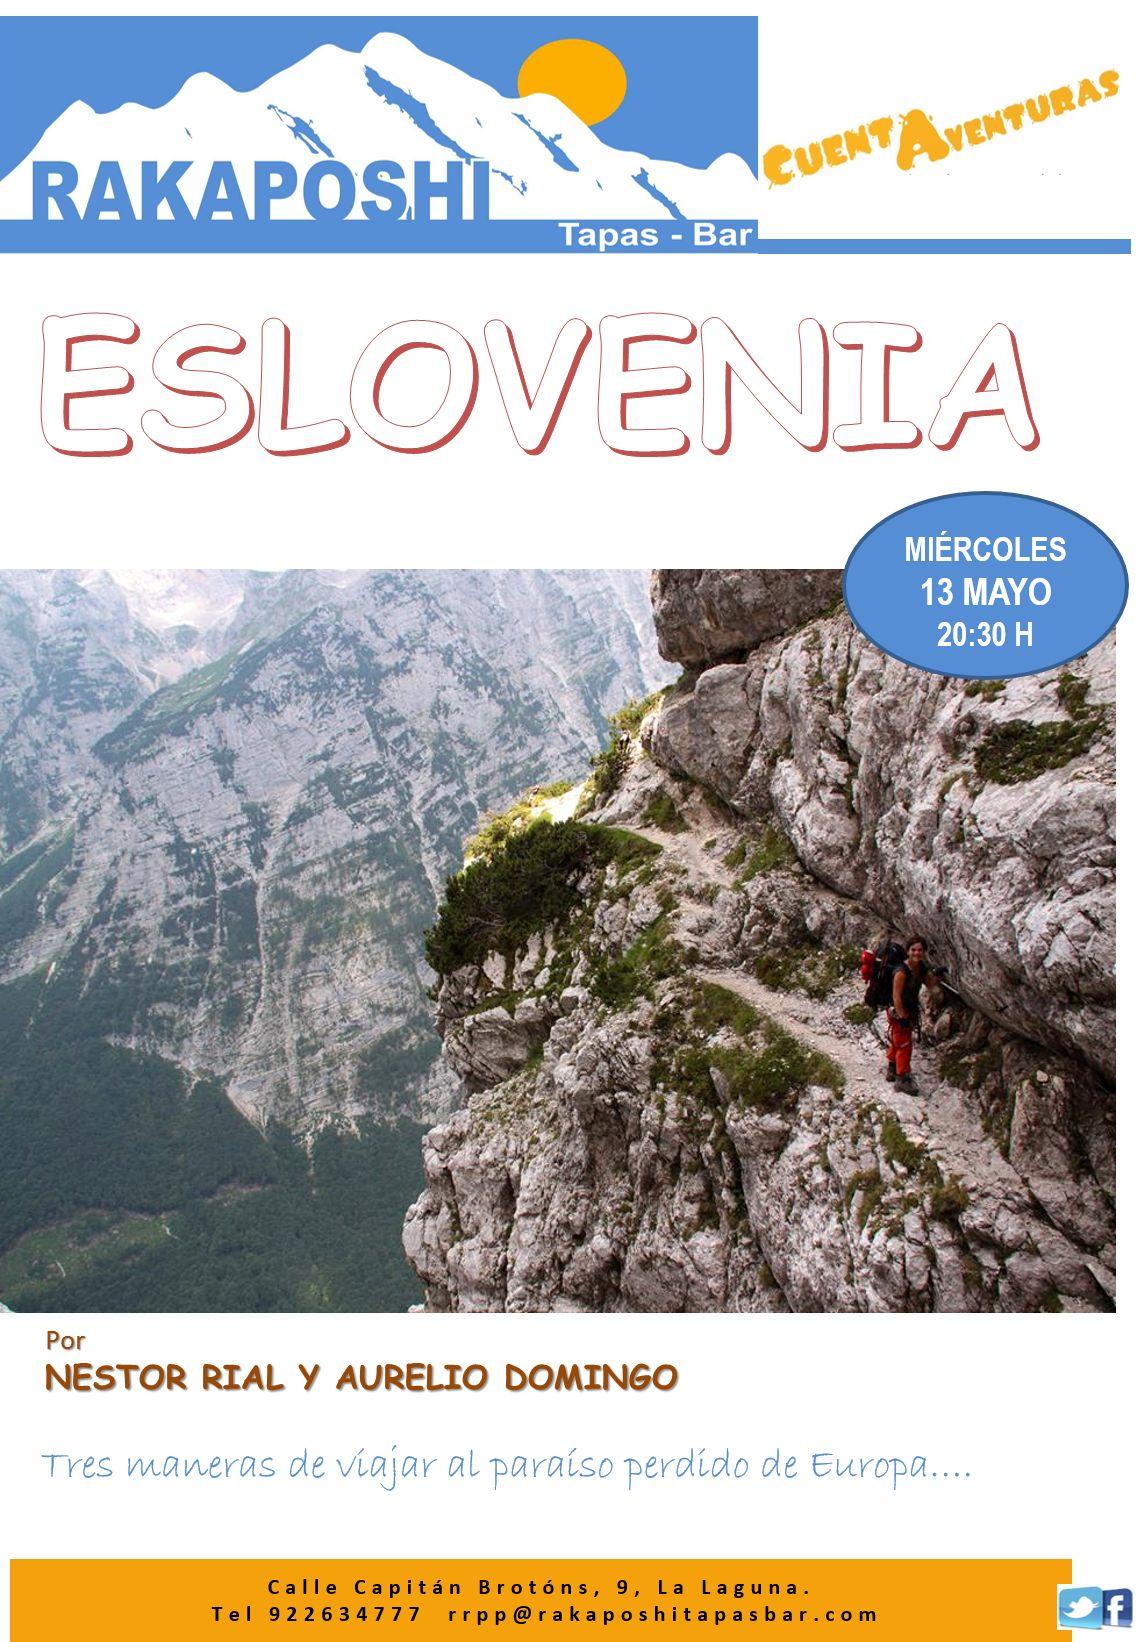 13 mayo 2015. Eslovenia. Nestor Rial y Aurelio Domingo